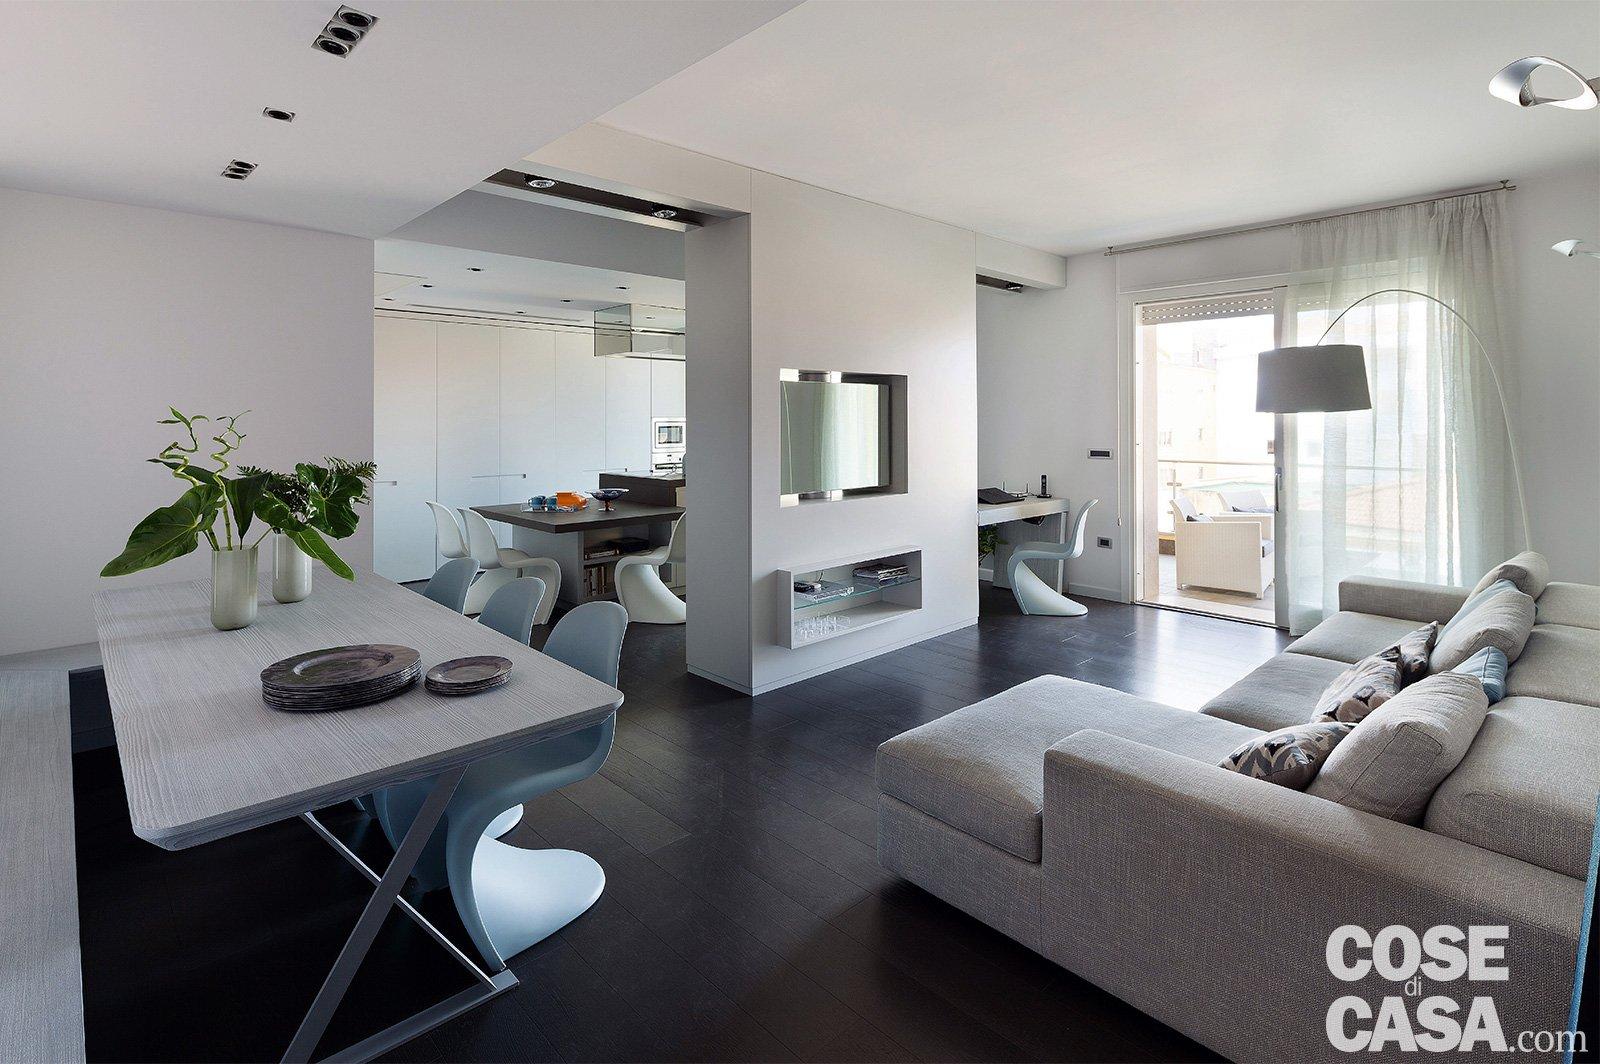 Soggiorno Con Divano Grigio Scuro 75 mq: una casa con geometrie in bianco e nero - cose di casa